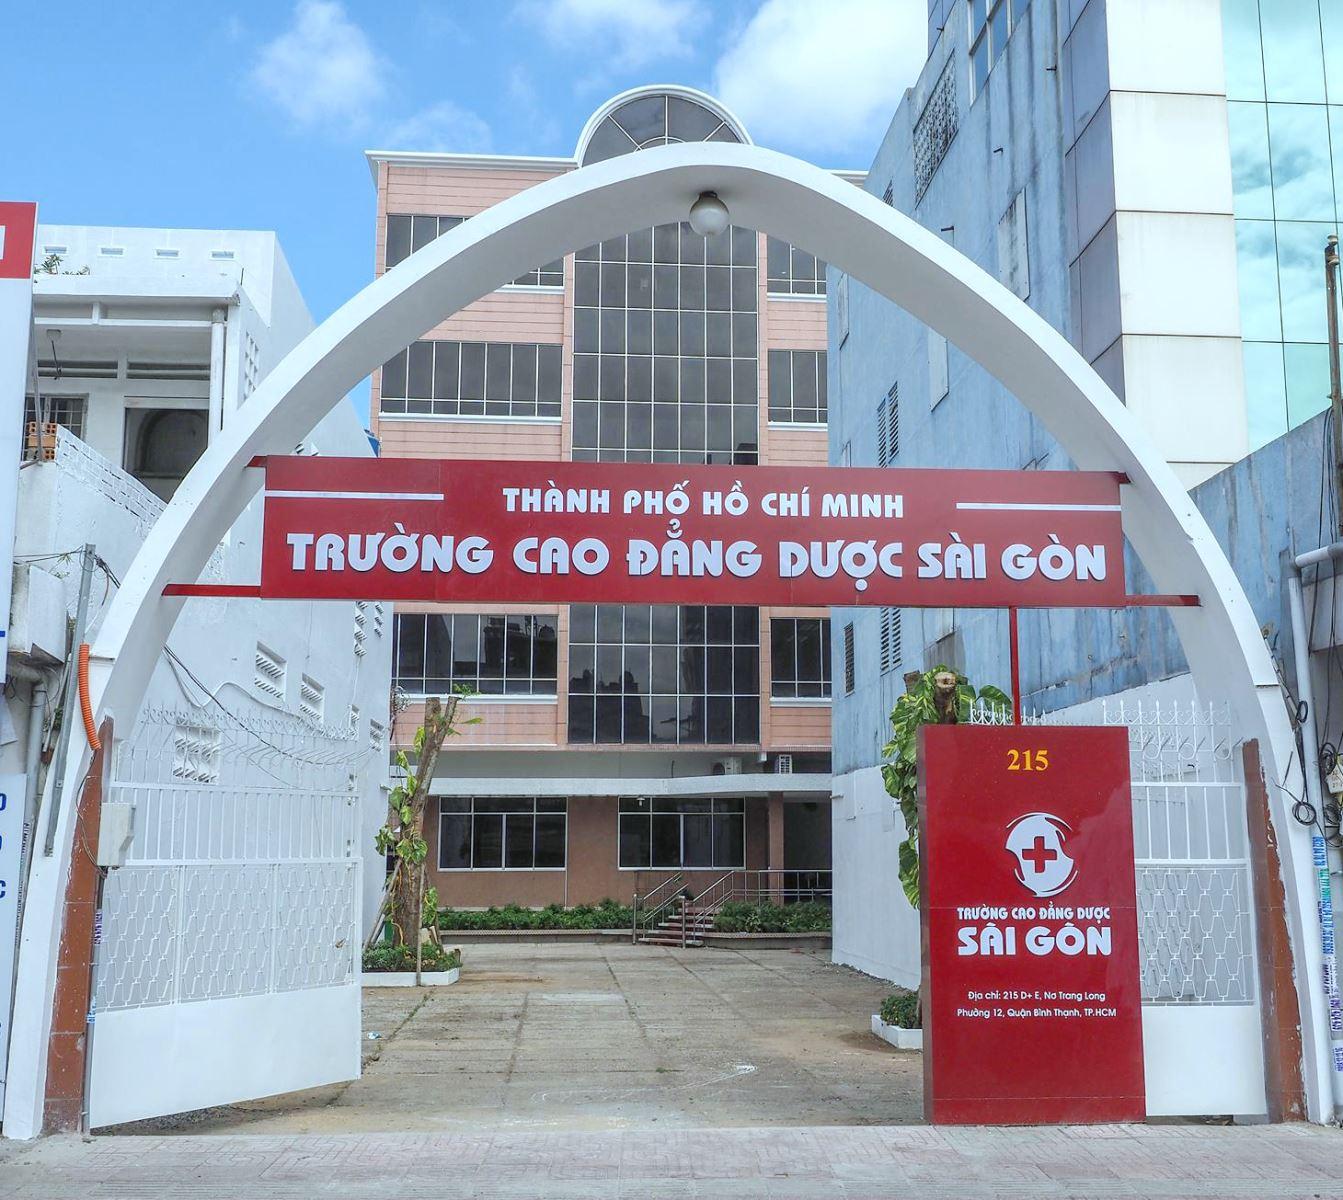 Trường Cao đẳng Dược Sài Gòn – Miễn 100% học phí năm 2021